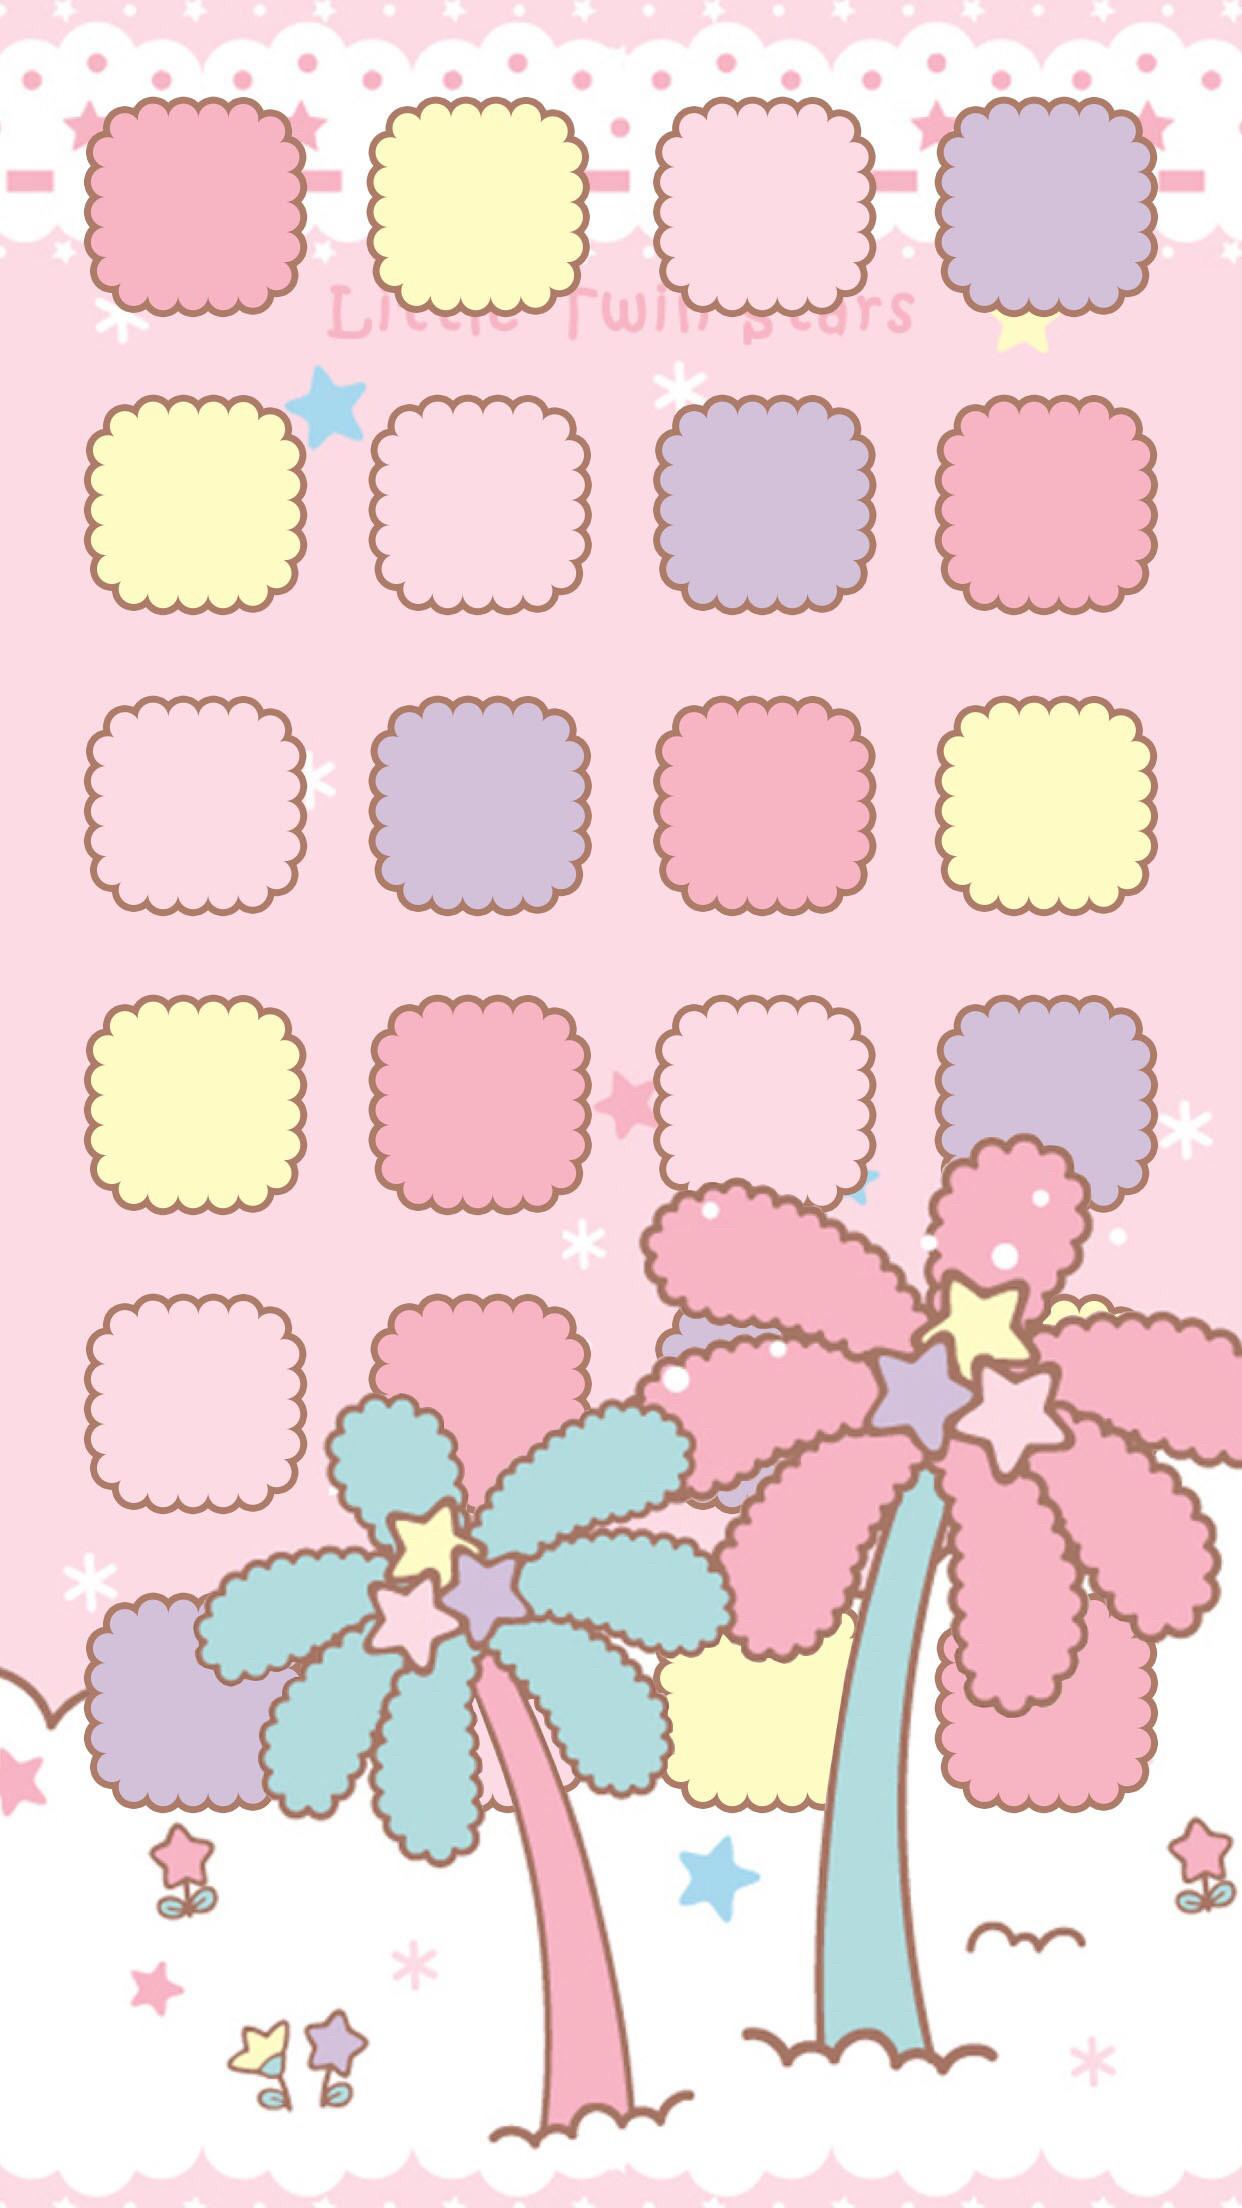 Kawaii wallpaper · Twin Stars